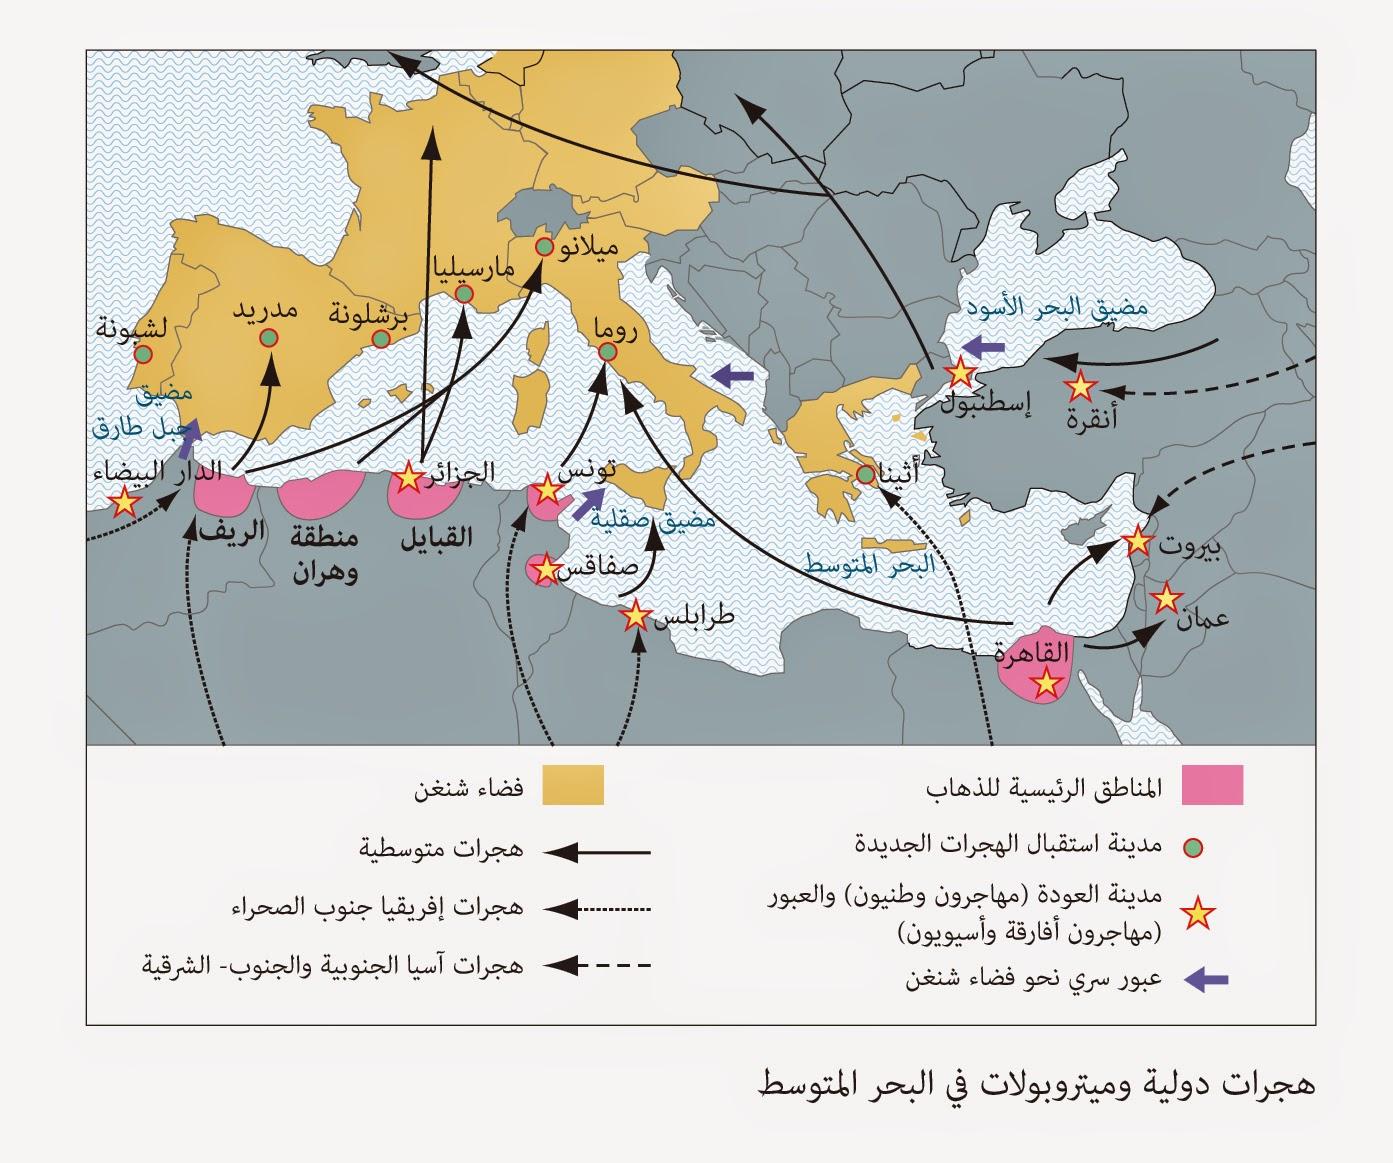 03 تفاوت النمو بين الشمال والجنوب المجال المتوسطي نموذجا